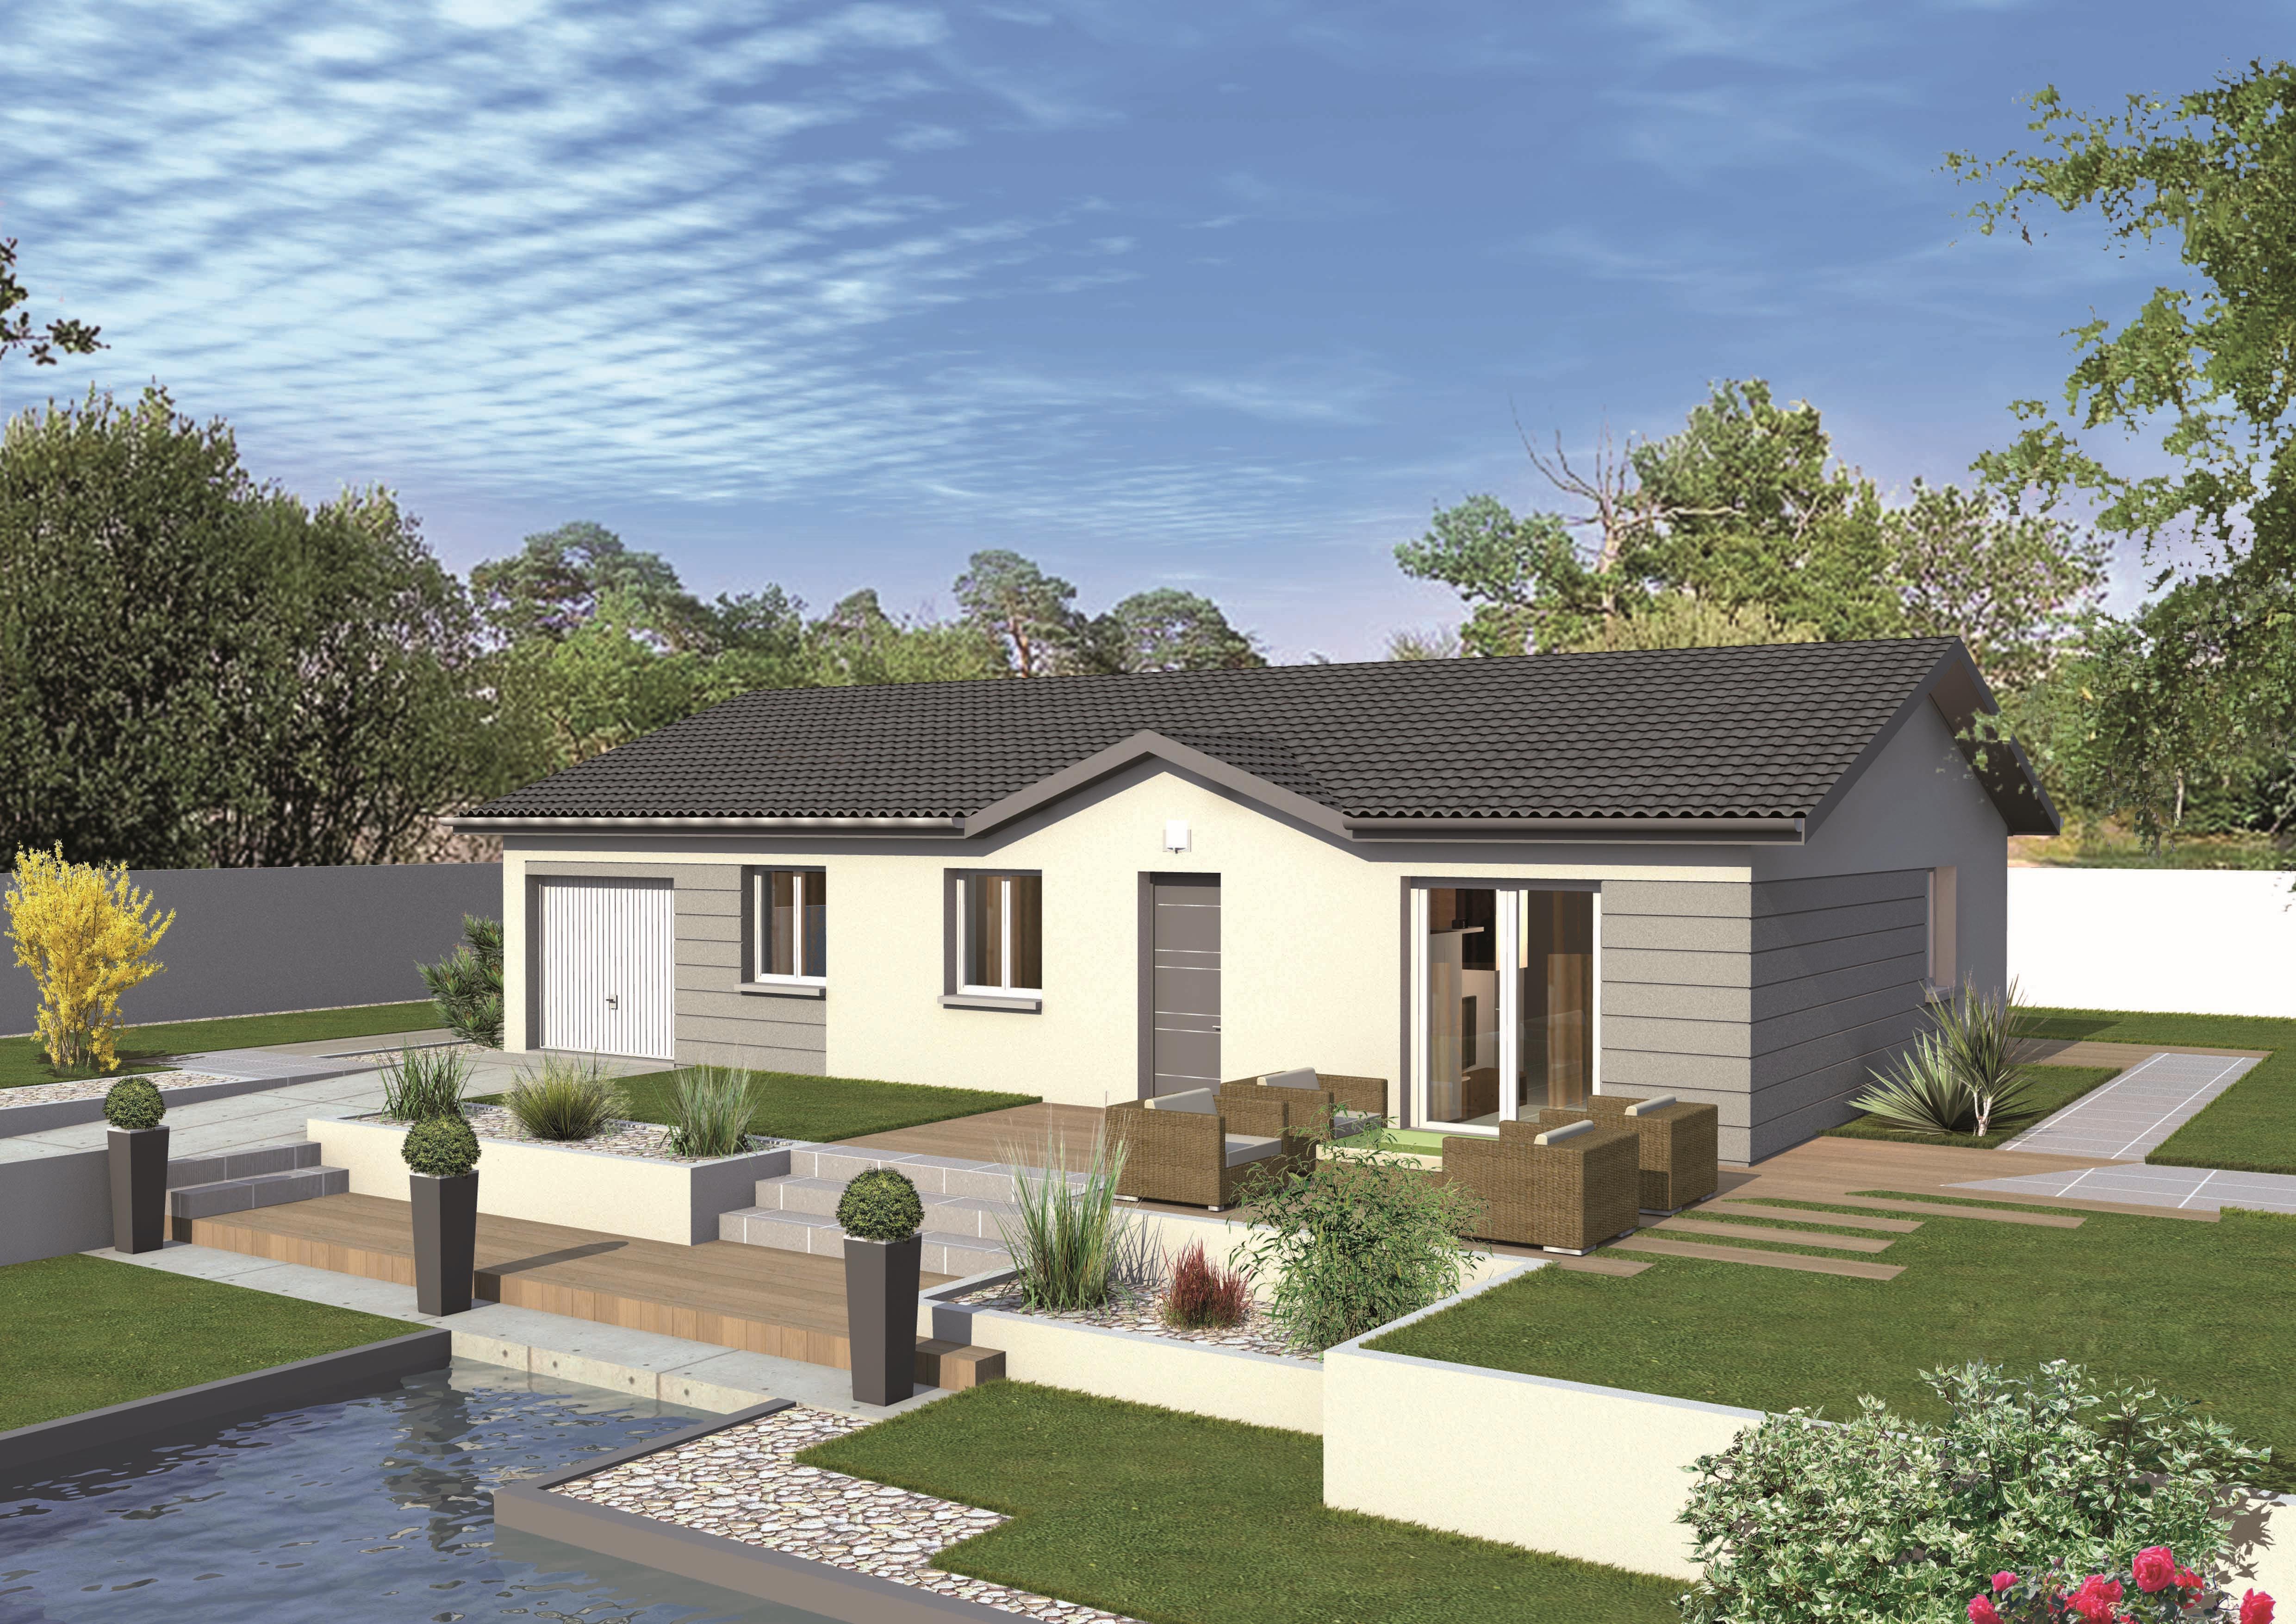 Maisons + Terrains du constructeur MAISONS PUNCH BOURGOIN • 78 m² • LES AVENIERES